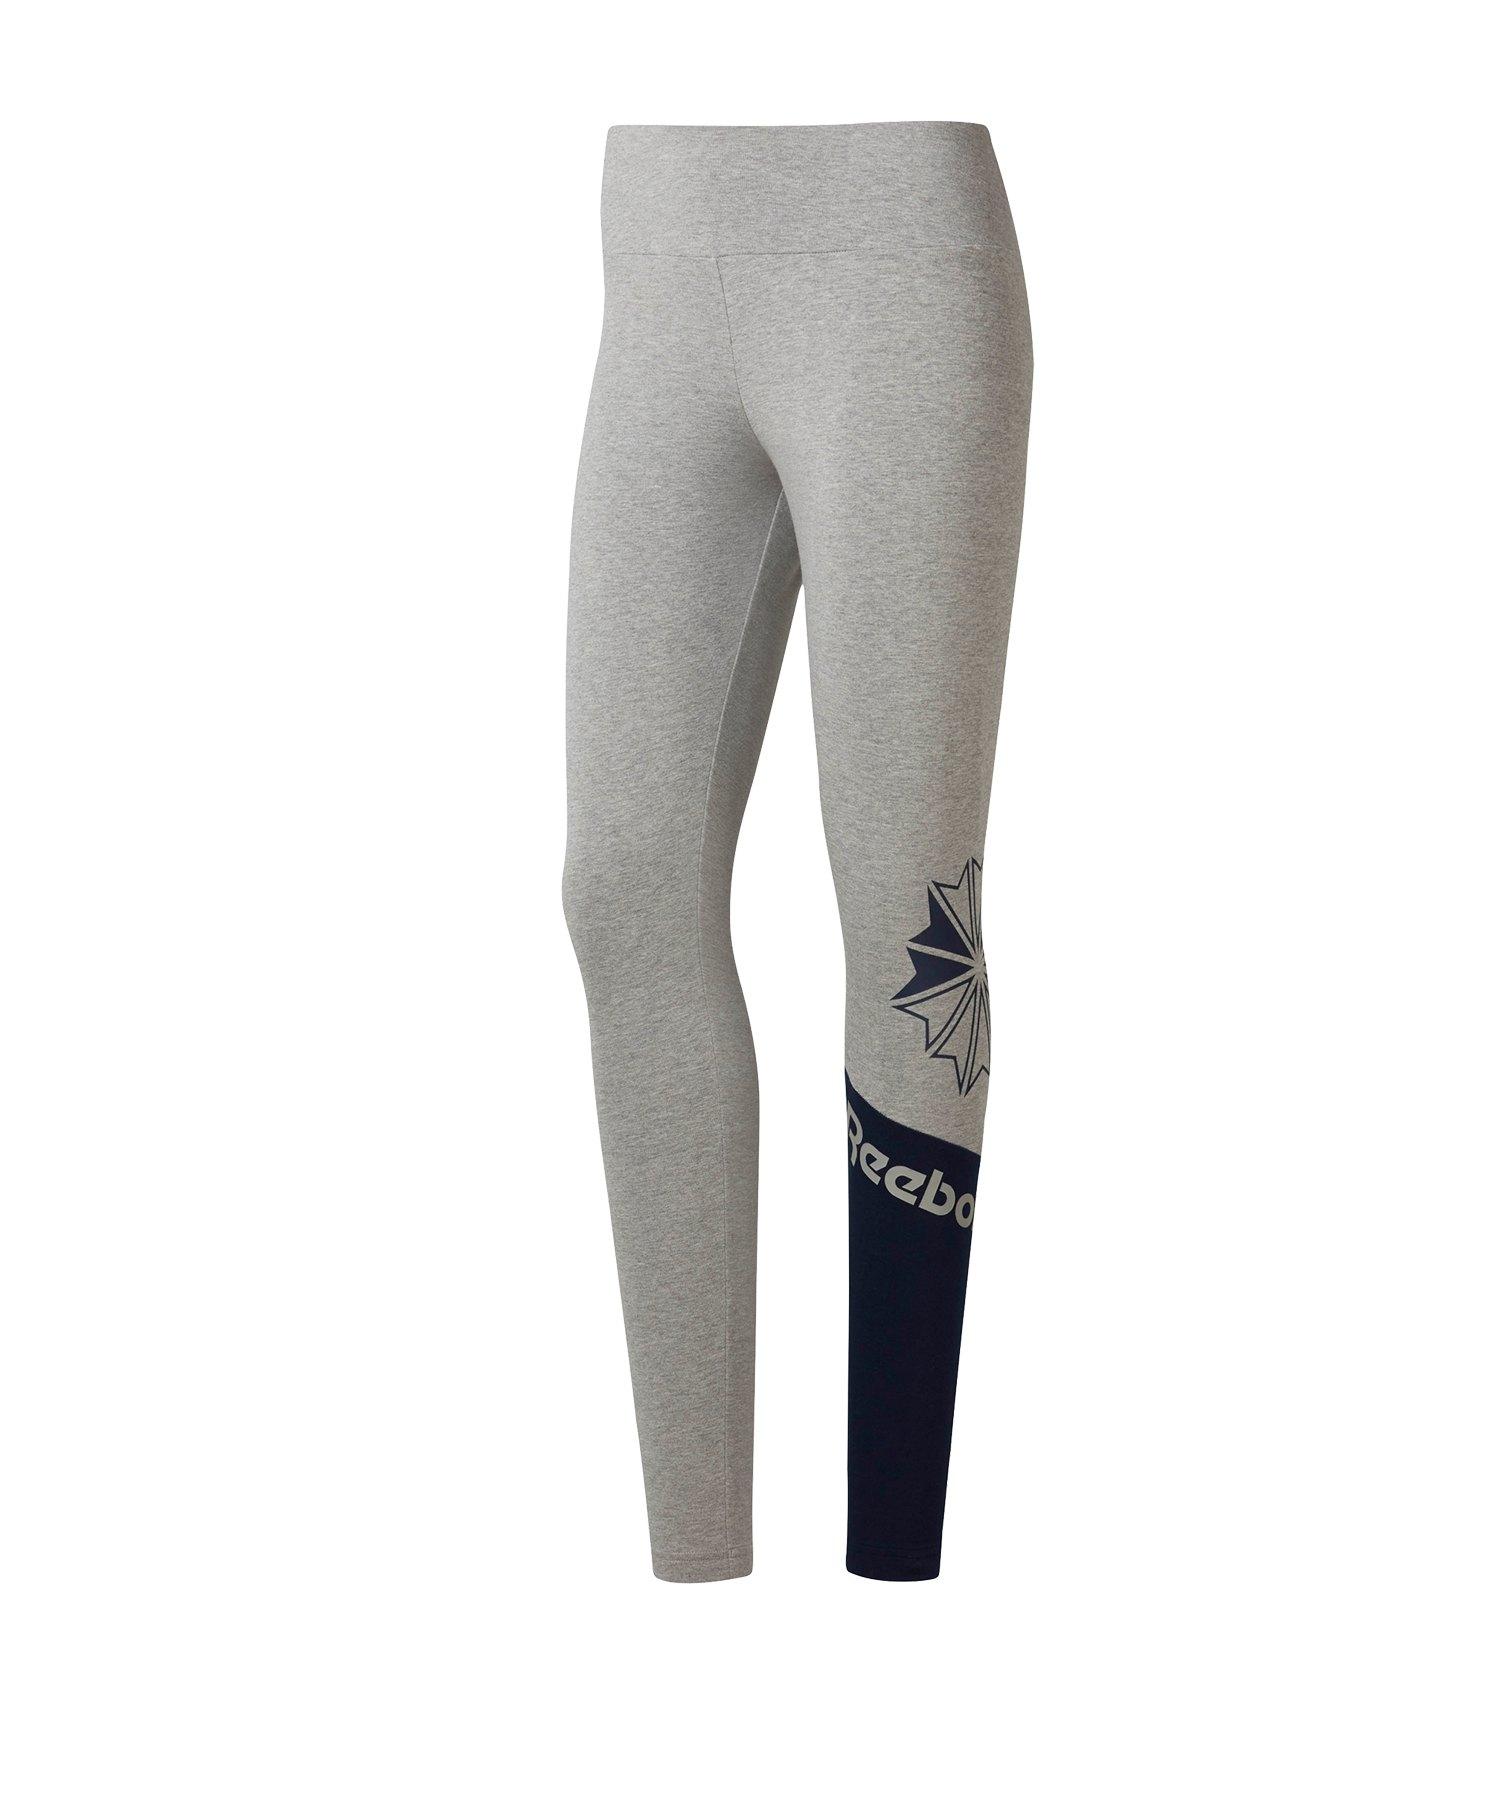 Reebok AC Logo Leggings Damen Grau - grau